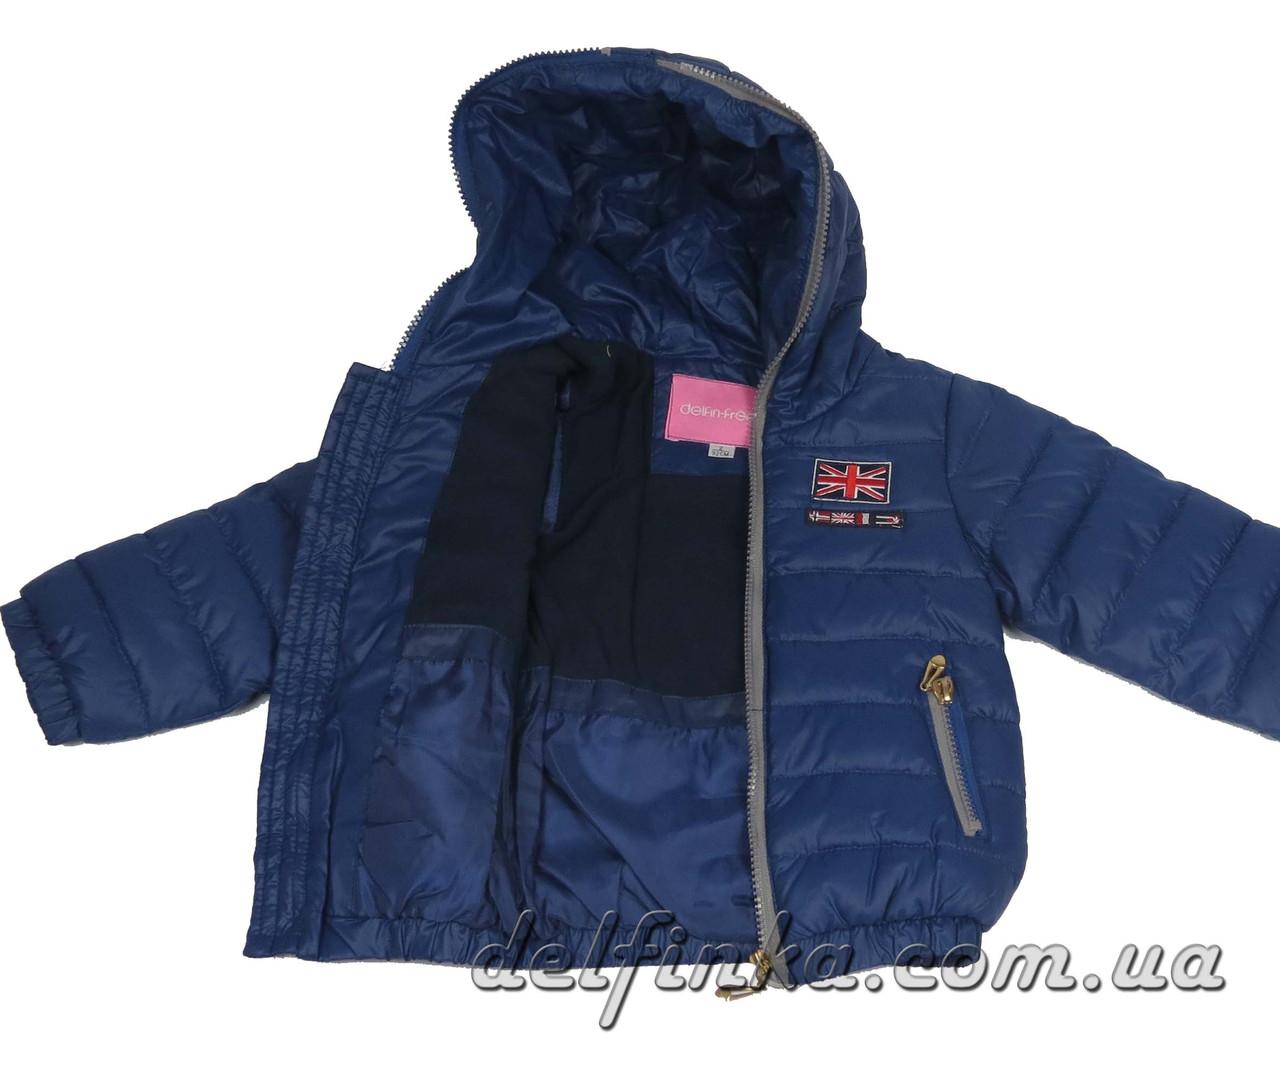 Куртка для девочек демисизонная 1-4 лет цвет синий, фото 3